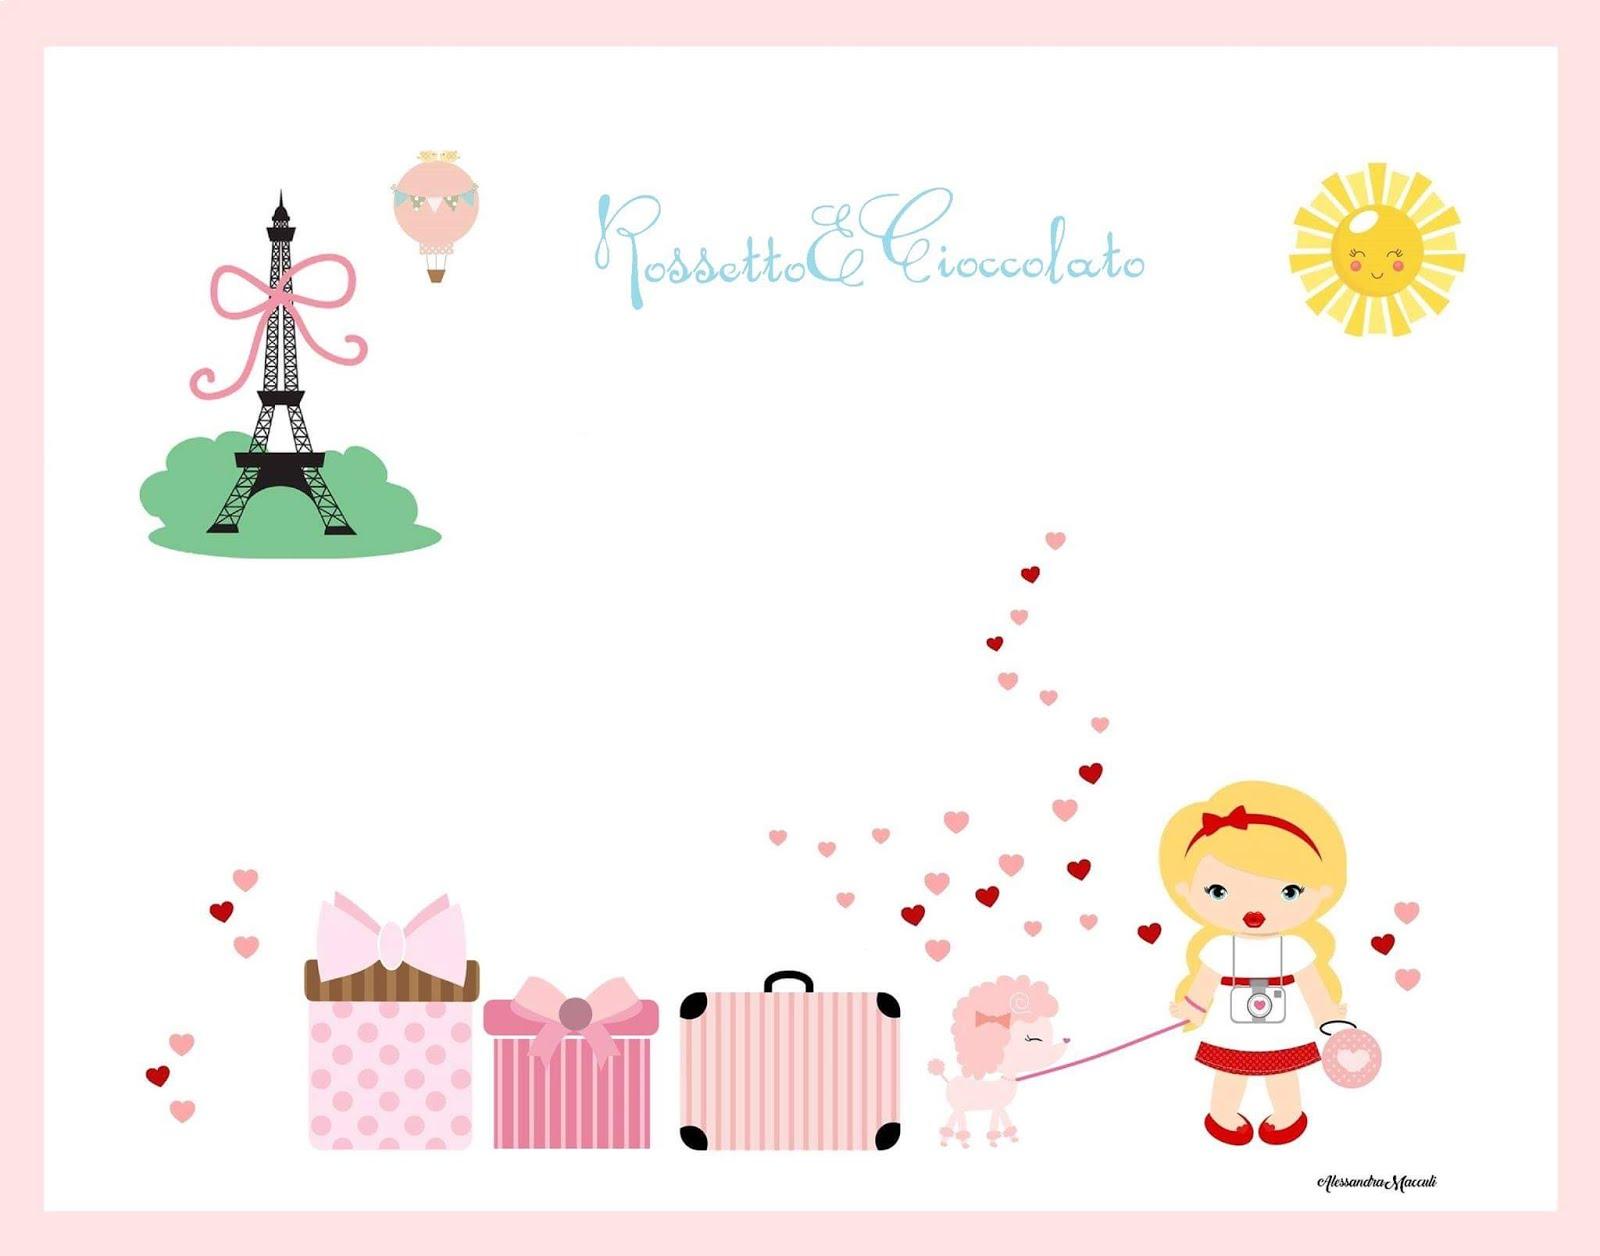 Rossetto&Cioccolato